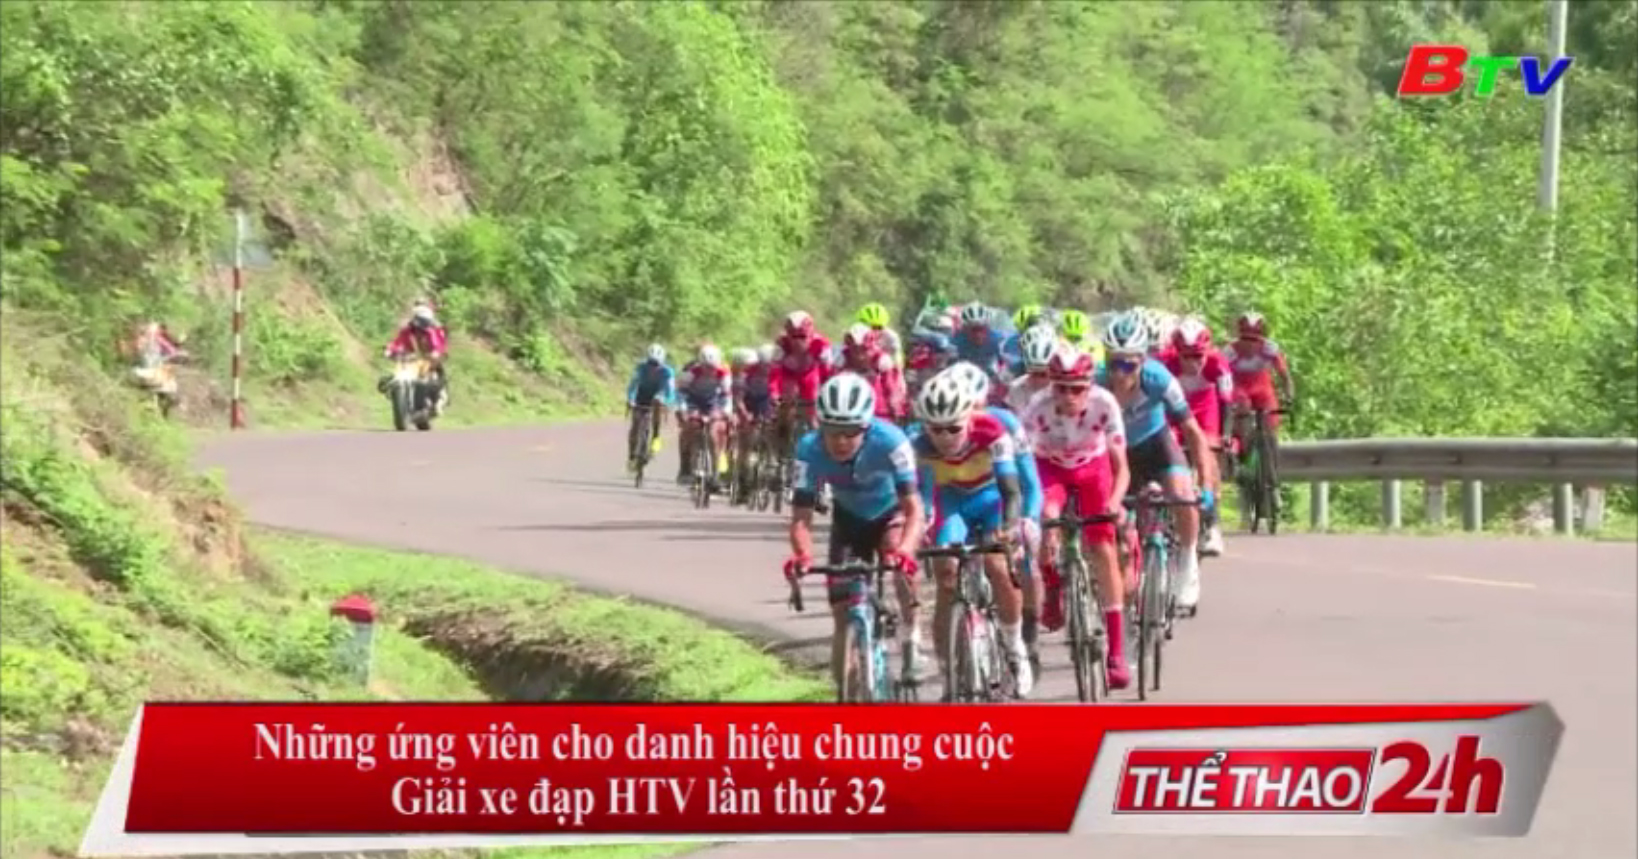 Những ứng viên cho danh hiệu chung cuộc Giải xe đạp HTV lần thứ 32